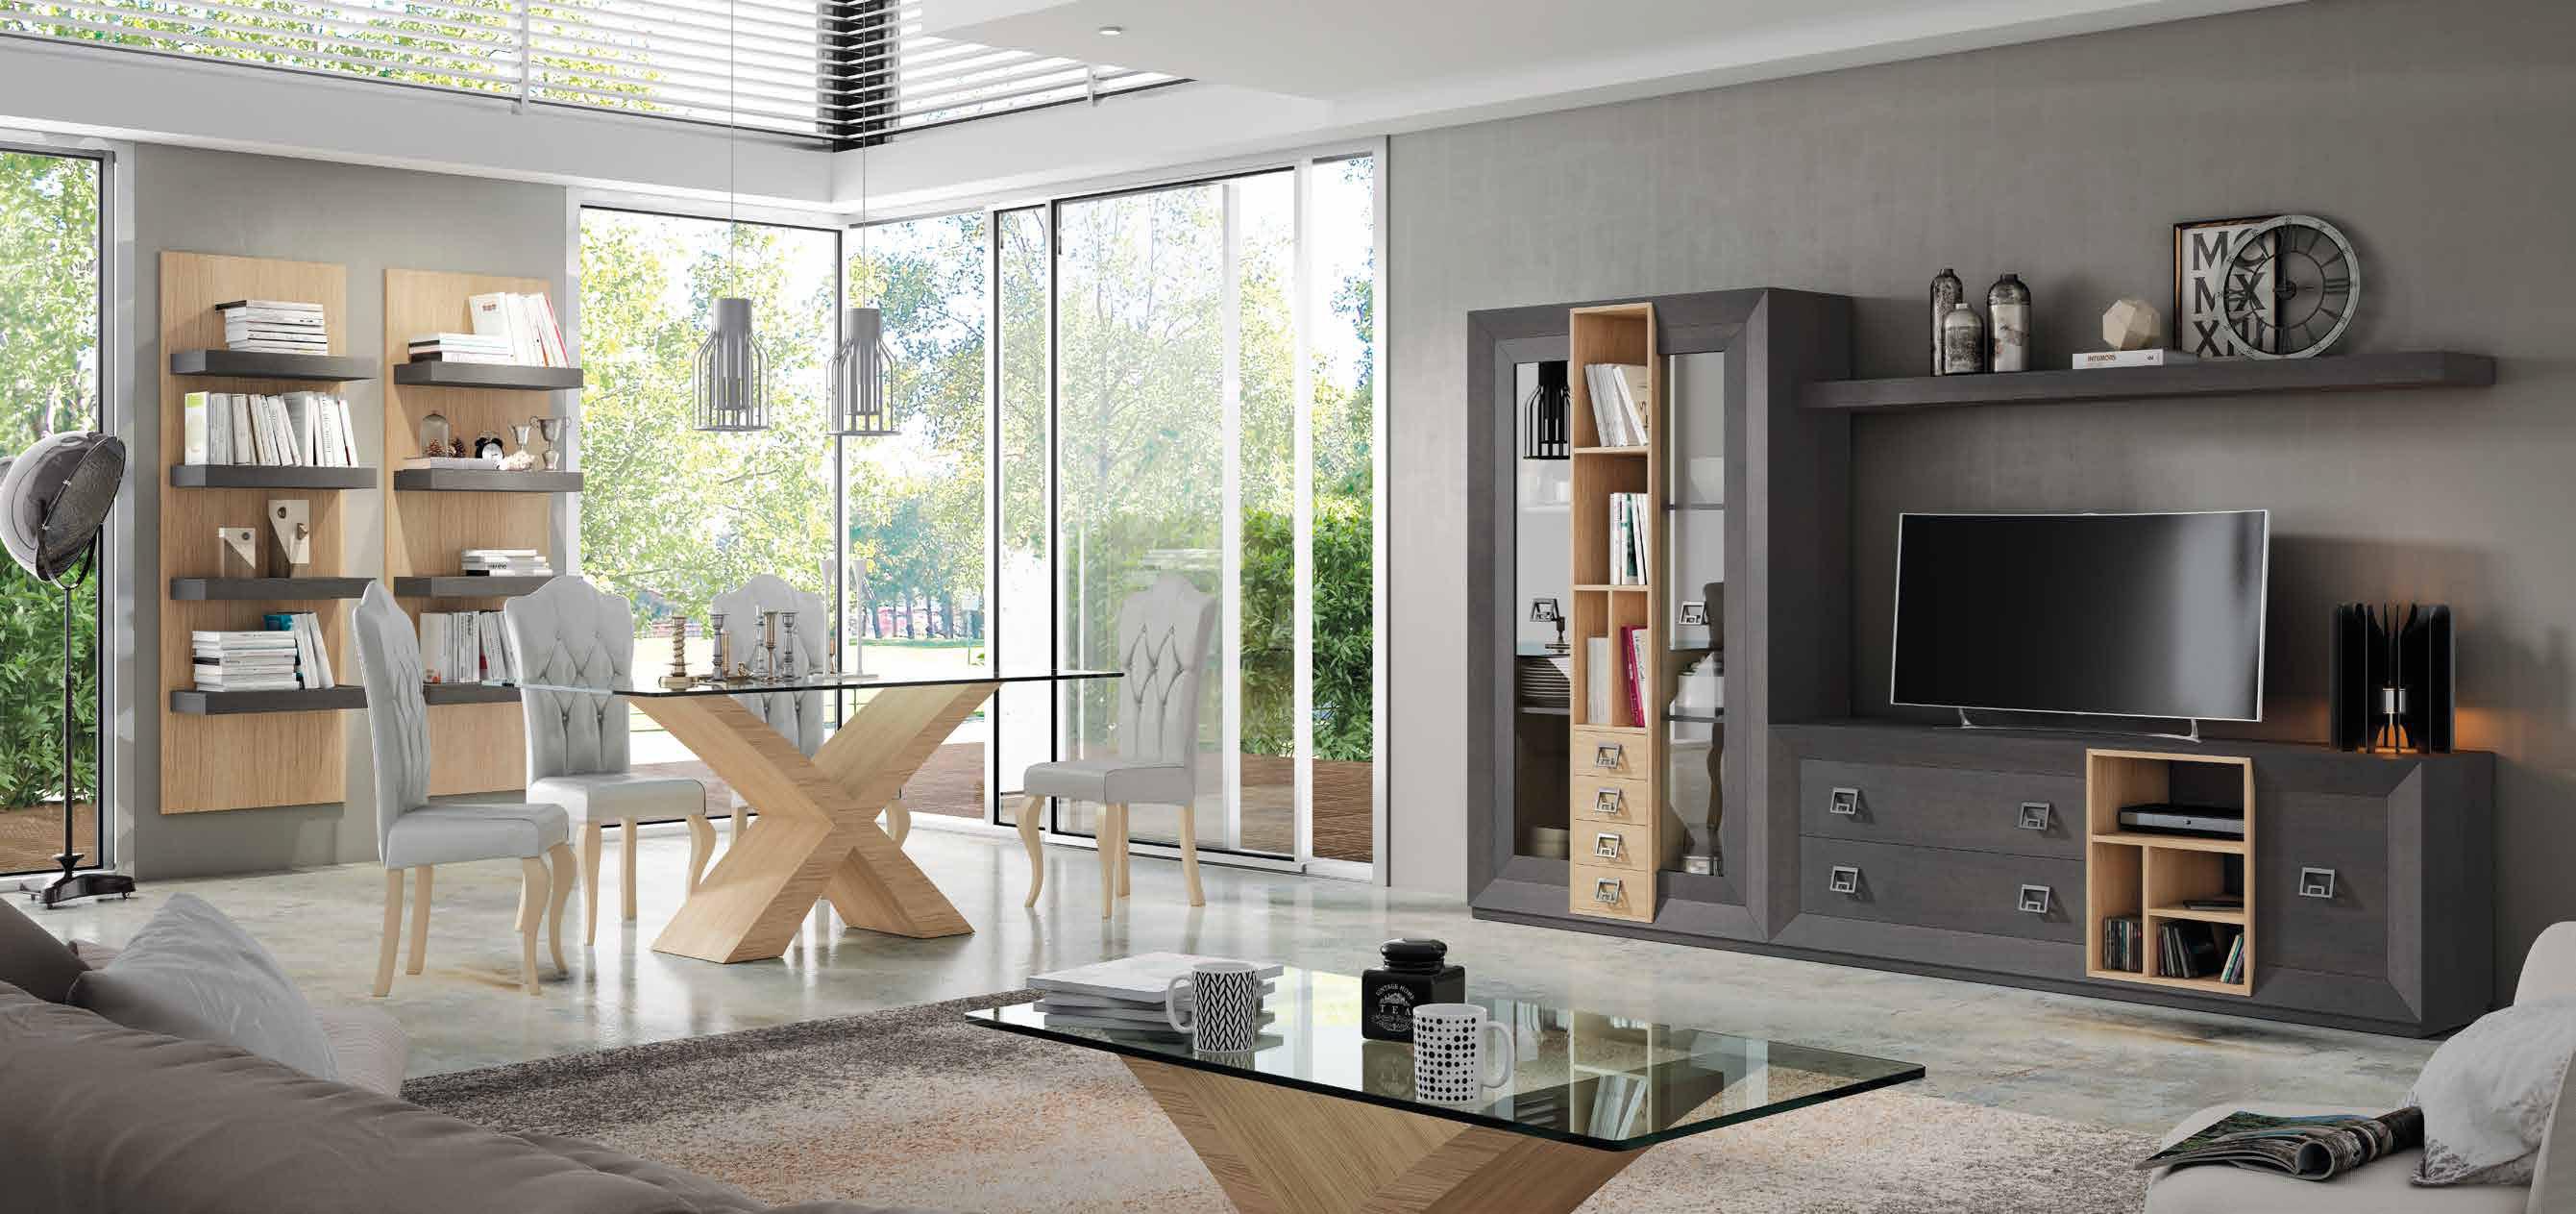 Composición de 290x184, con modulares cuidadosamente equilibrados en ceniza y roble natural.